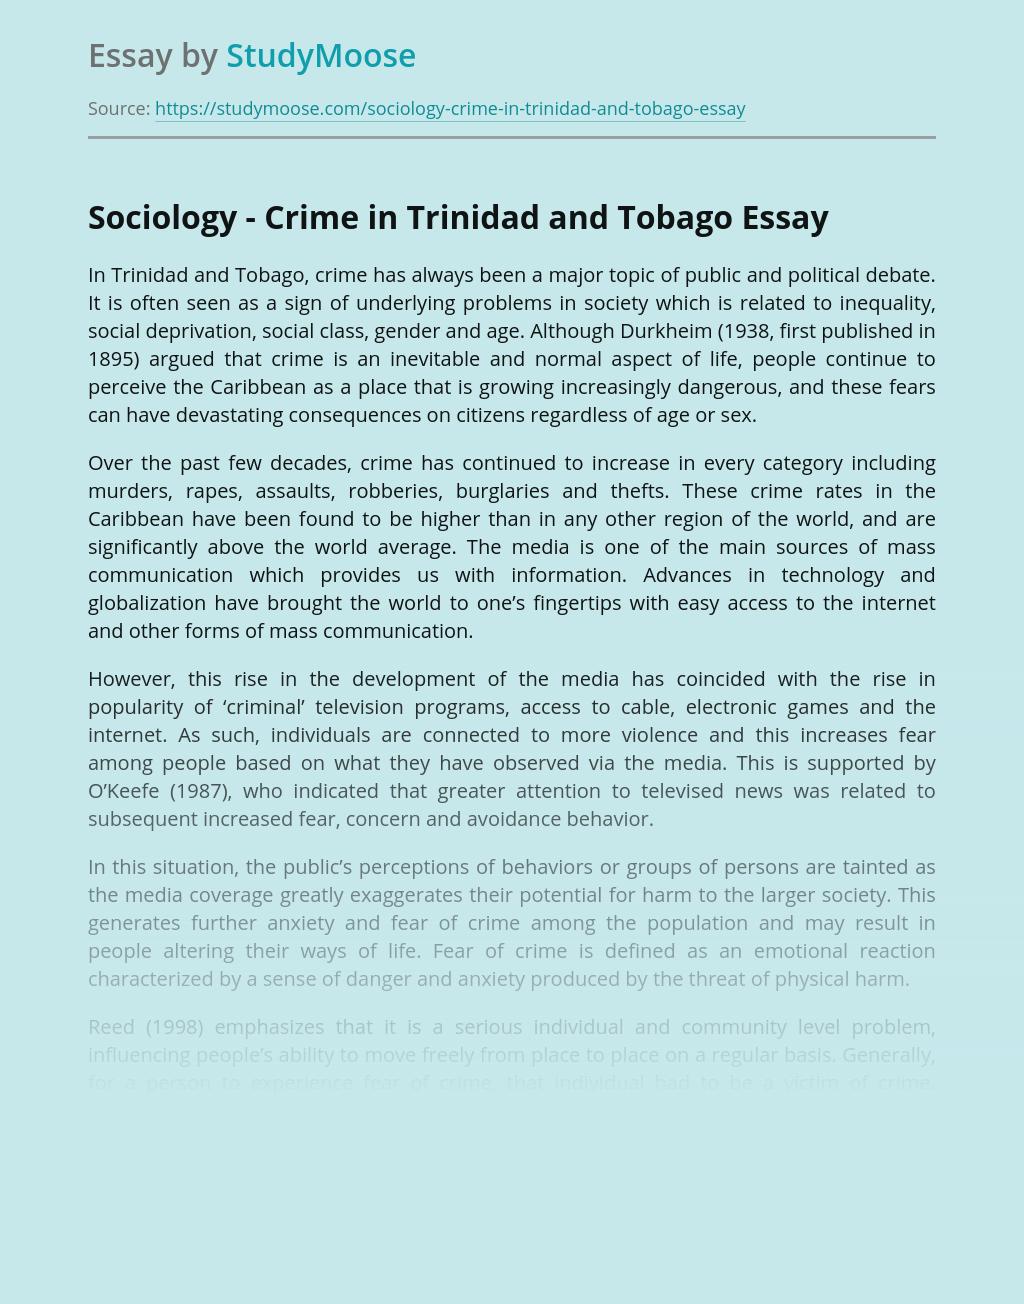 Sociology - Crime in Trinidad and Tobago